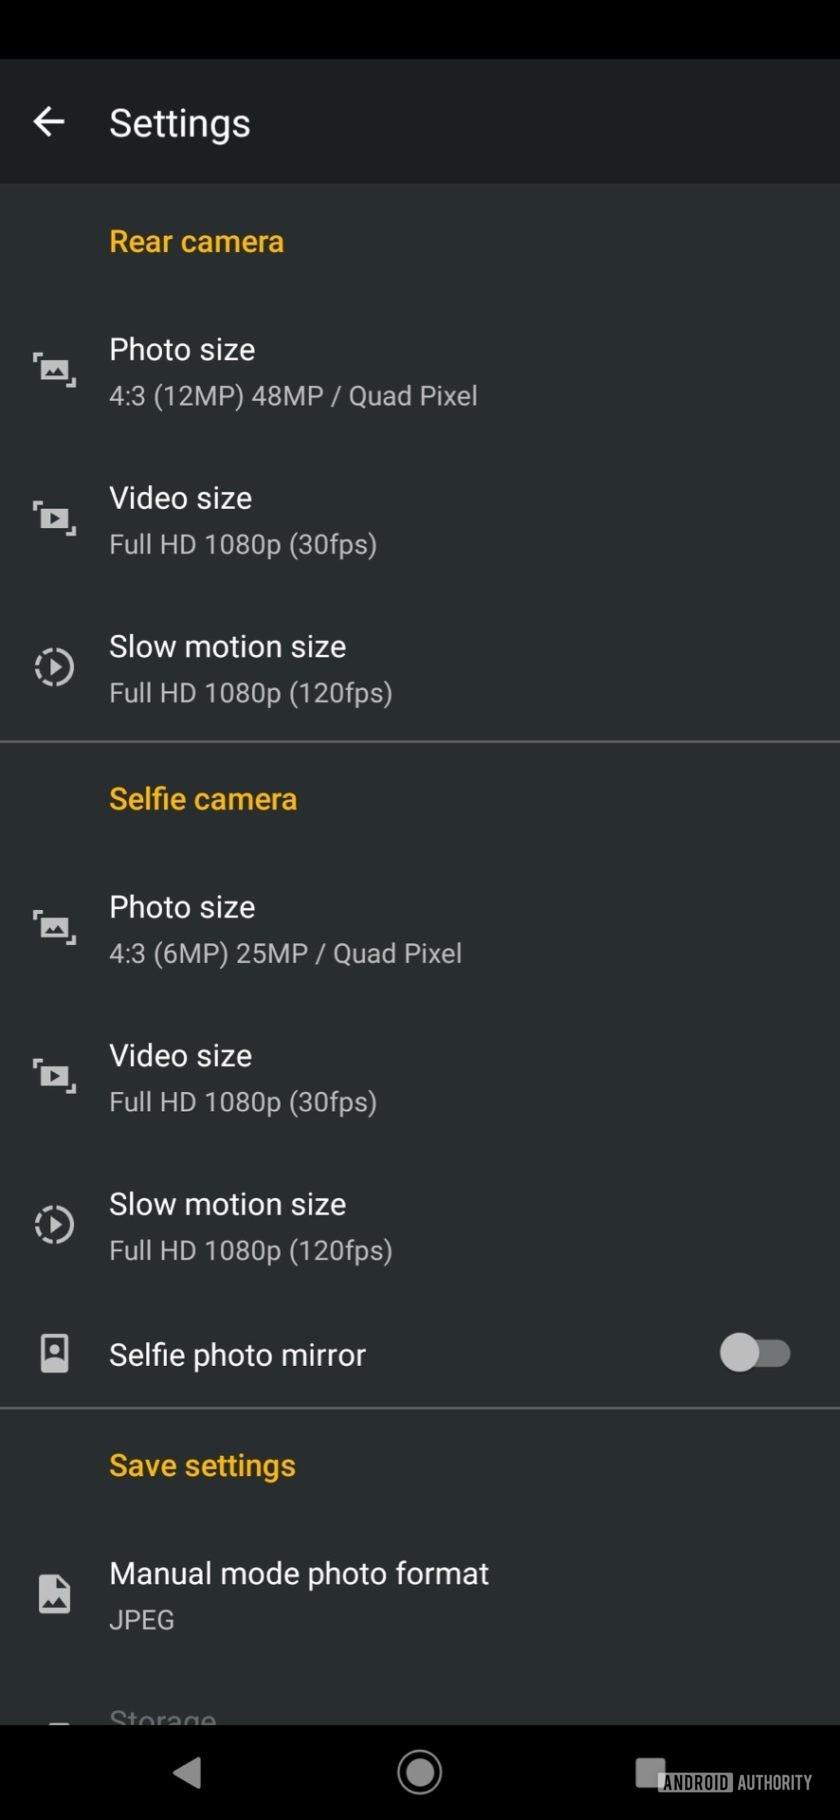 Motorola Moto Z4 camera app options